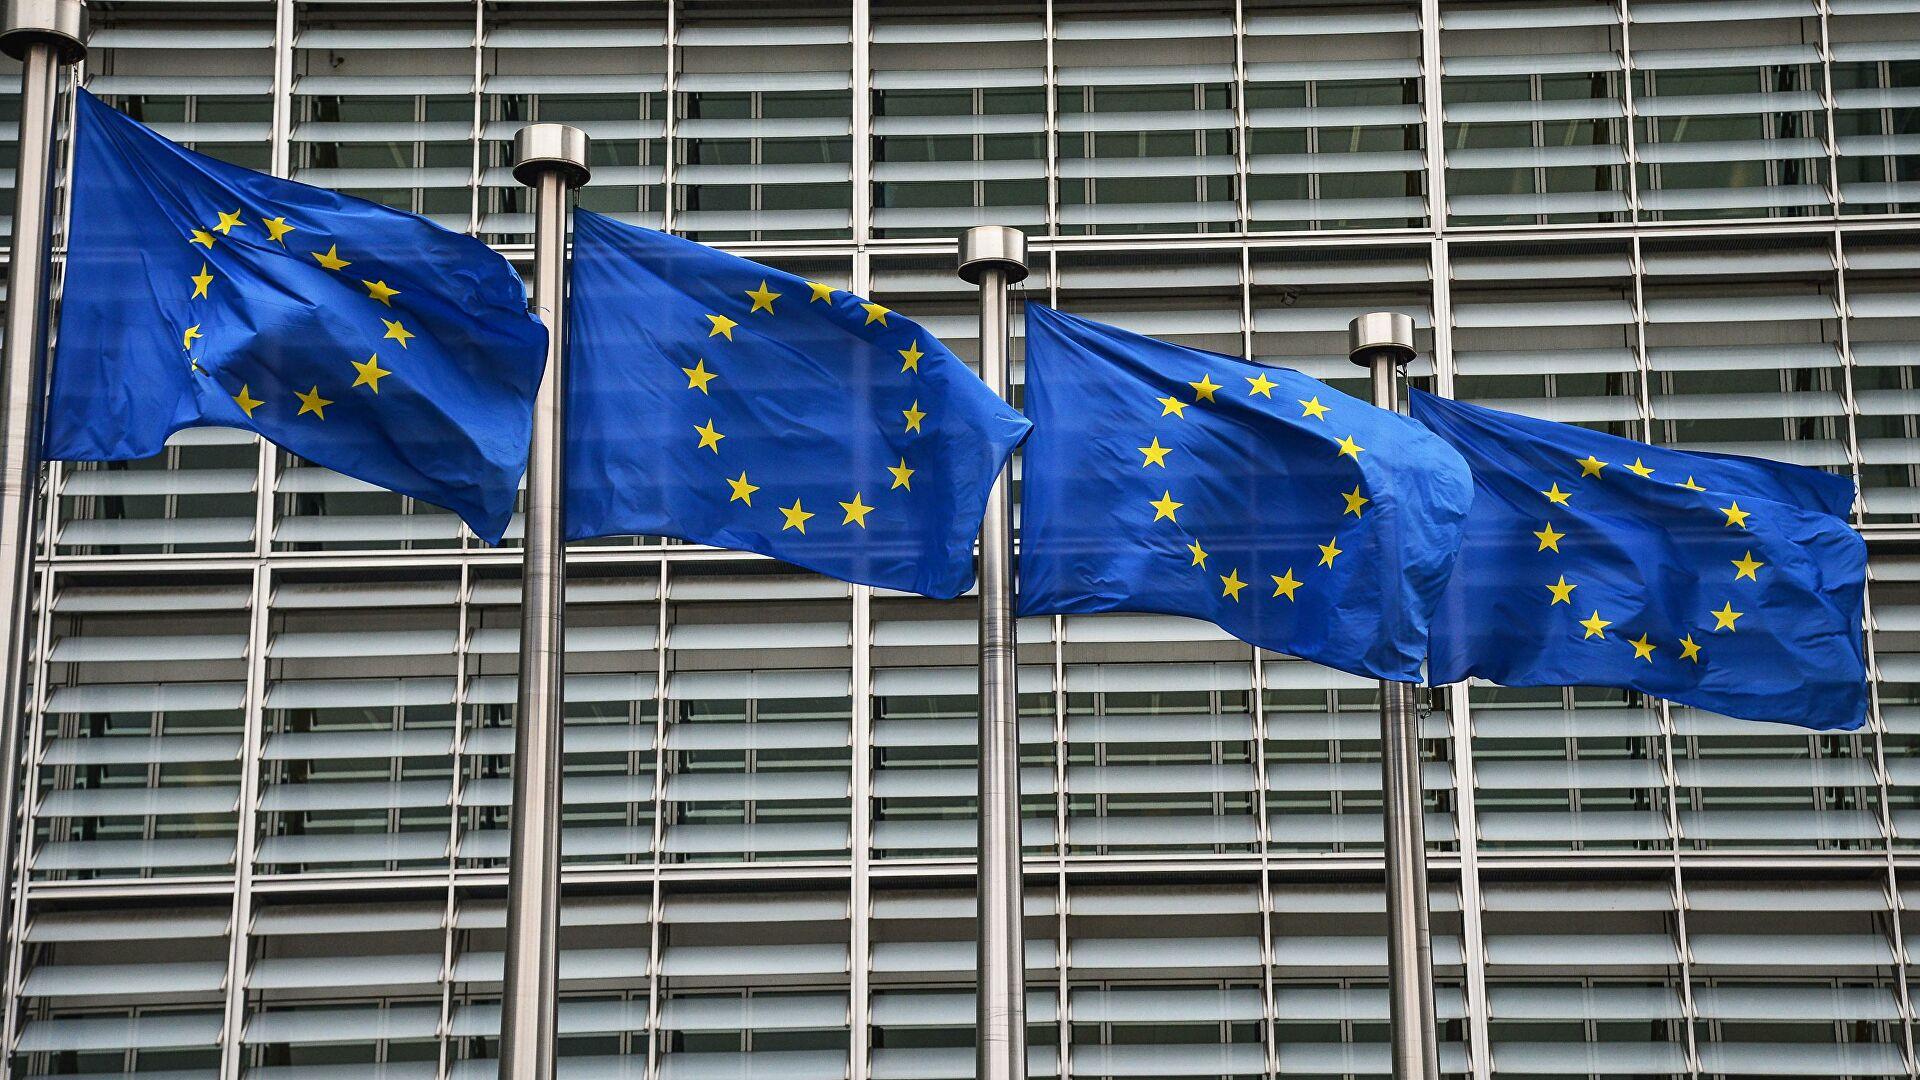 ЕУ: Трајање наших економских санкција Русији и даље зависи од реализације Минских споразума